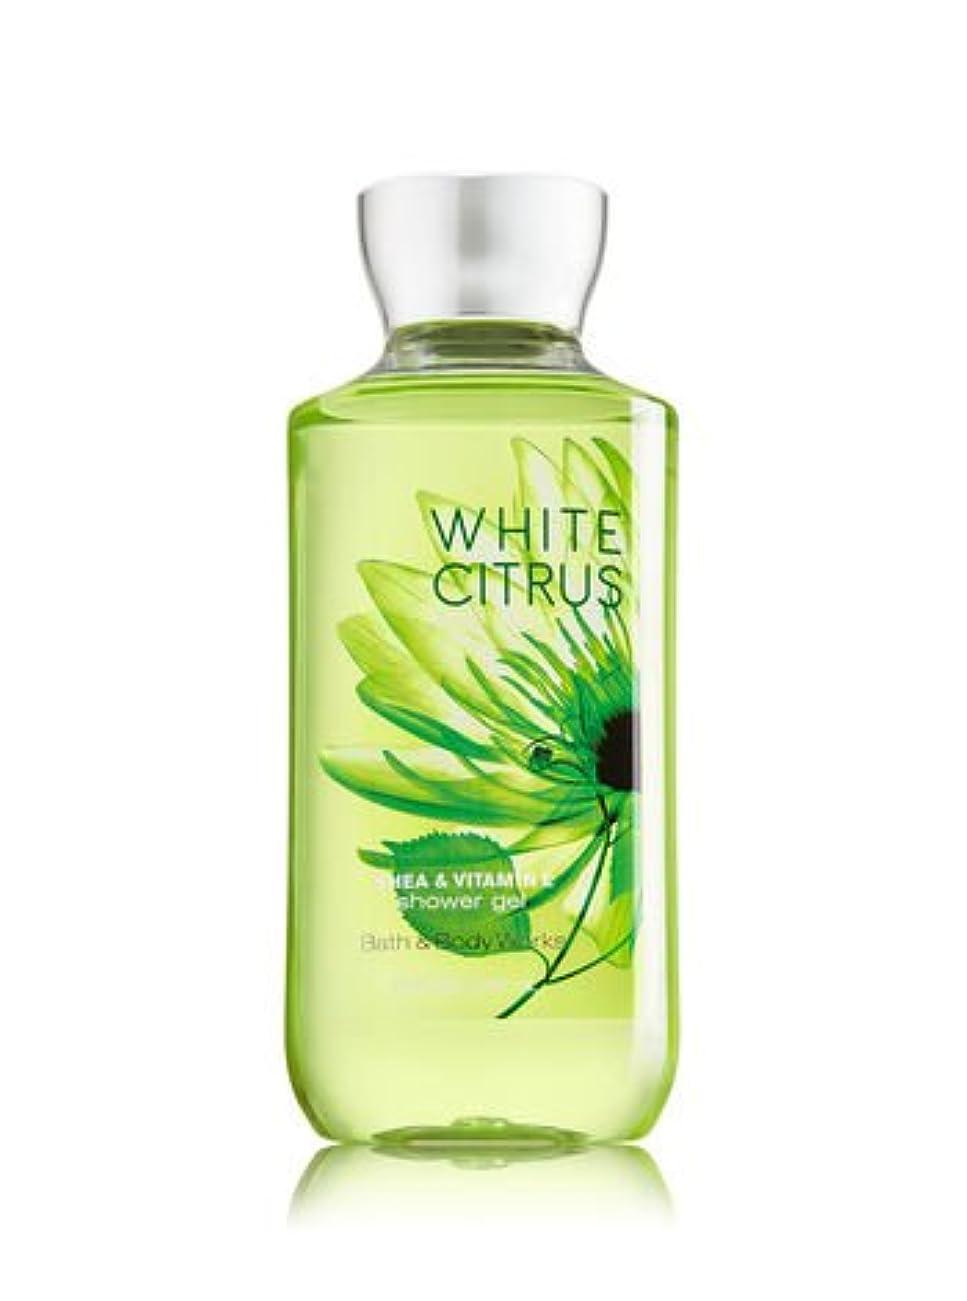 最近容疑者学校バス&ボディワークス ホワイトシトラス シャワージェル White Citrus Shower Gel [並行輸入品]